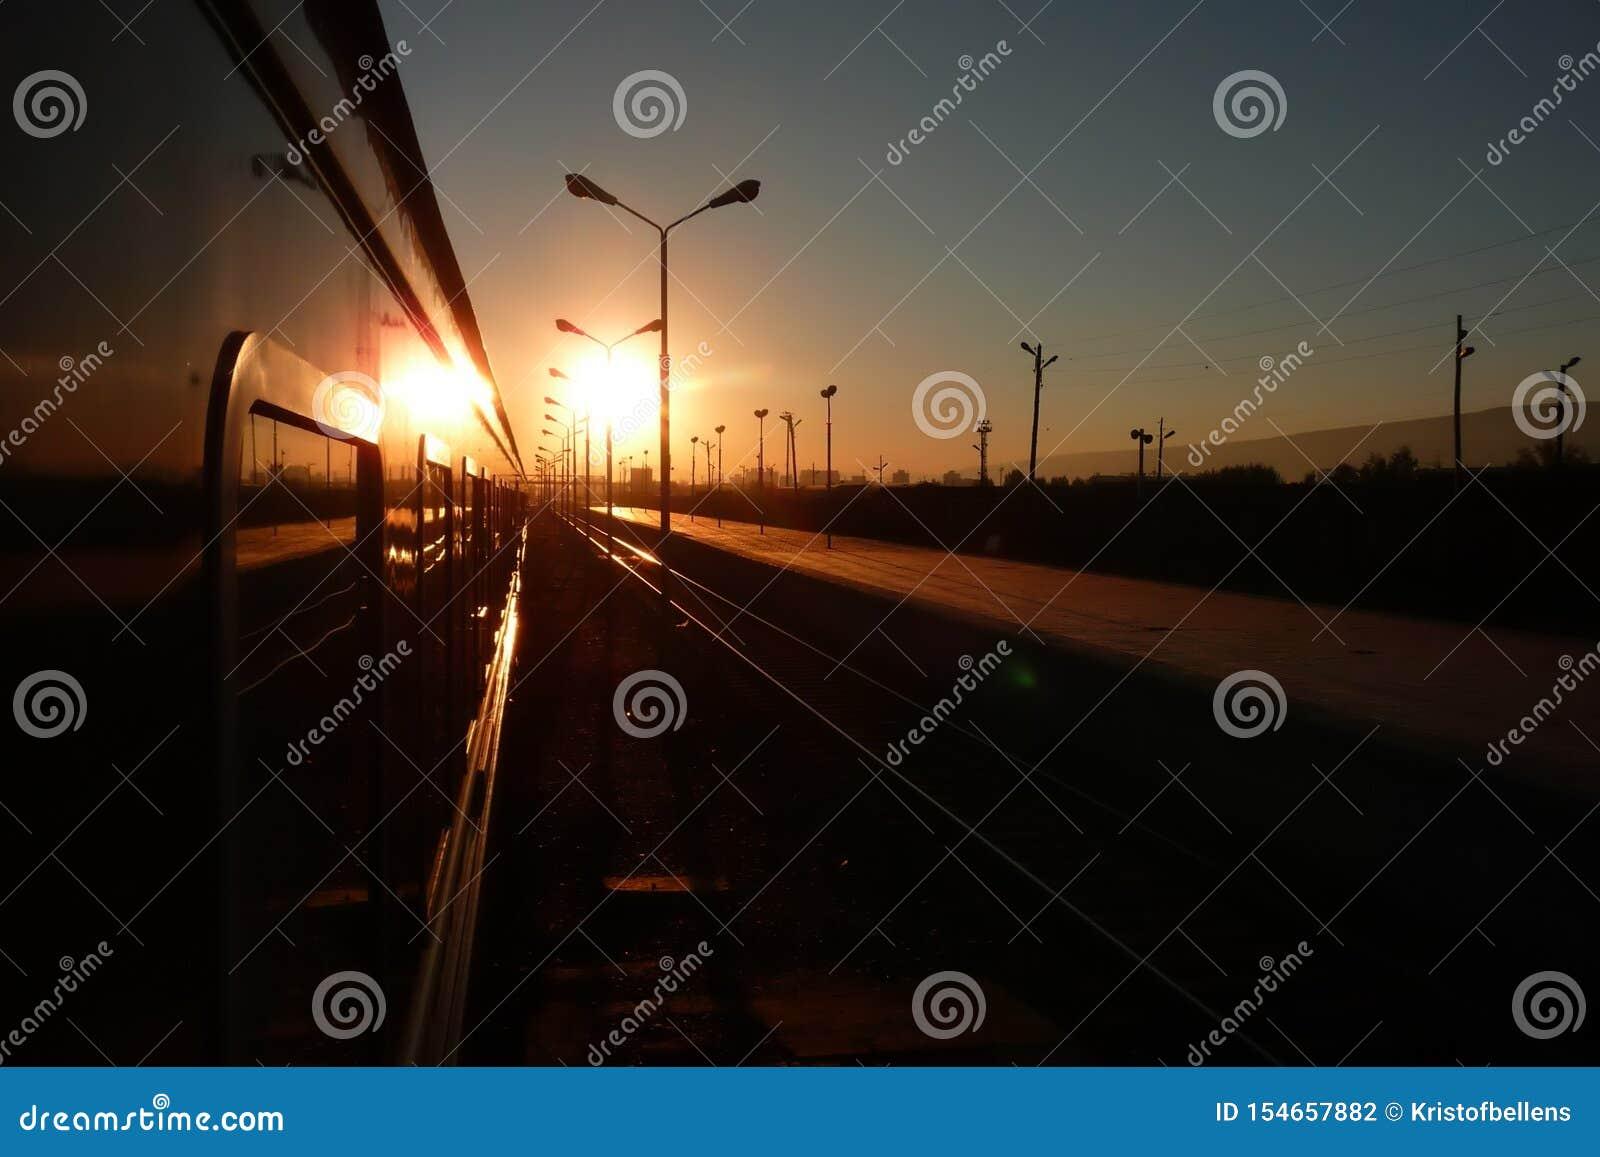 Estrada de ferro transiberiana: ideia da janela do lado do trem no nascer do sol em um estação de caminhos de ferro do russo